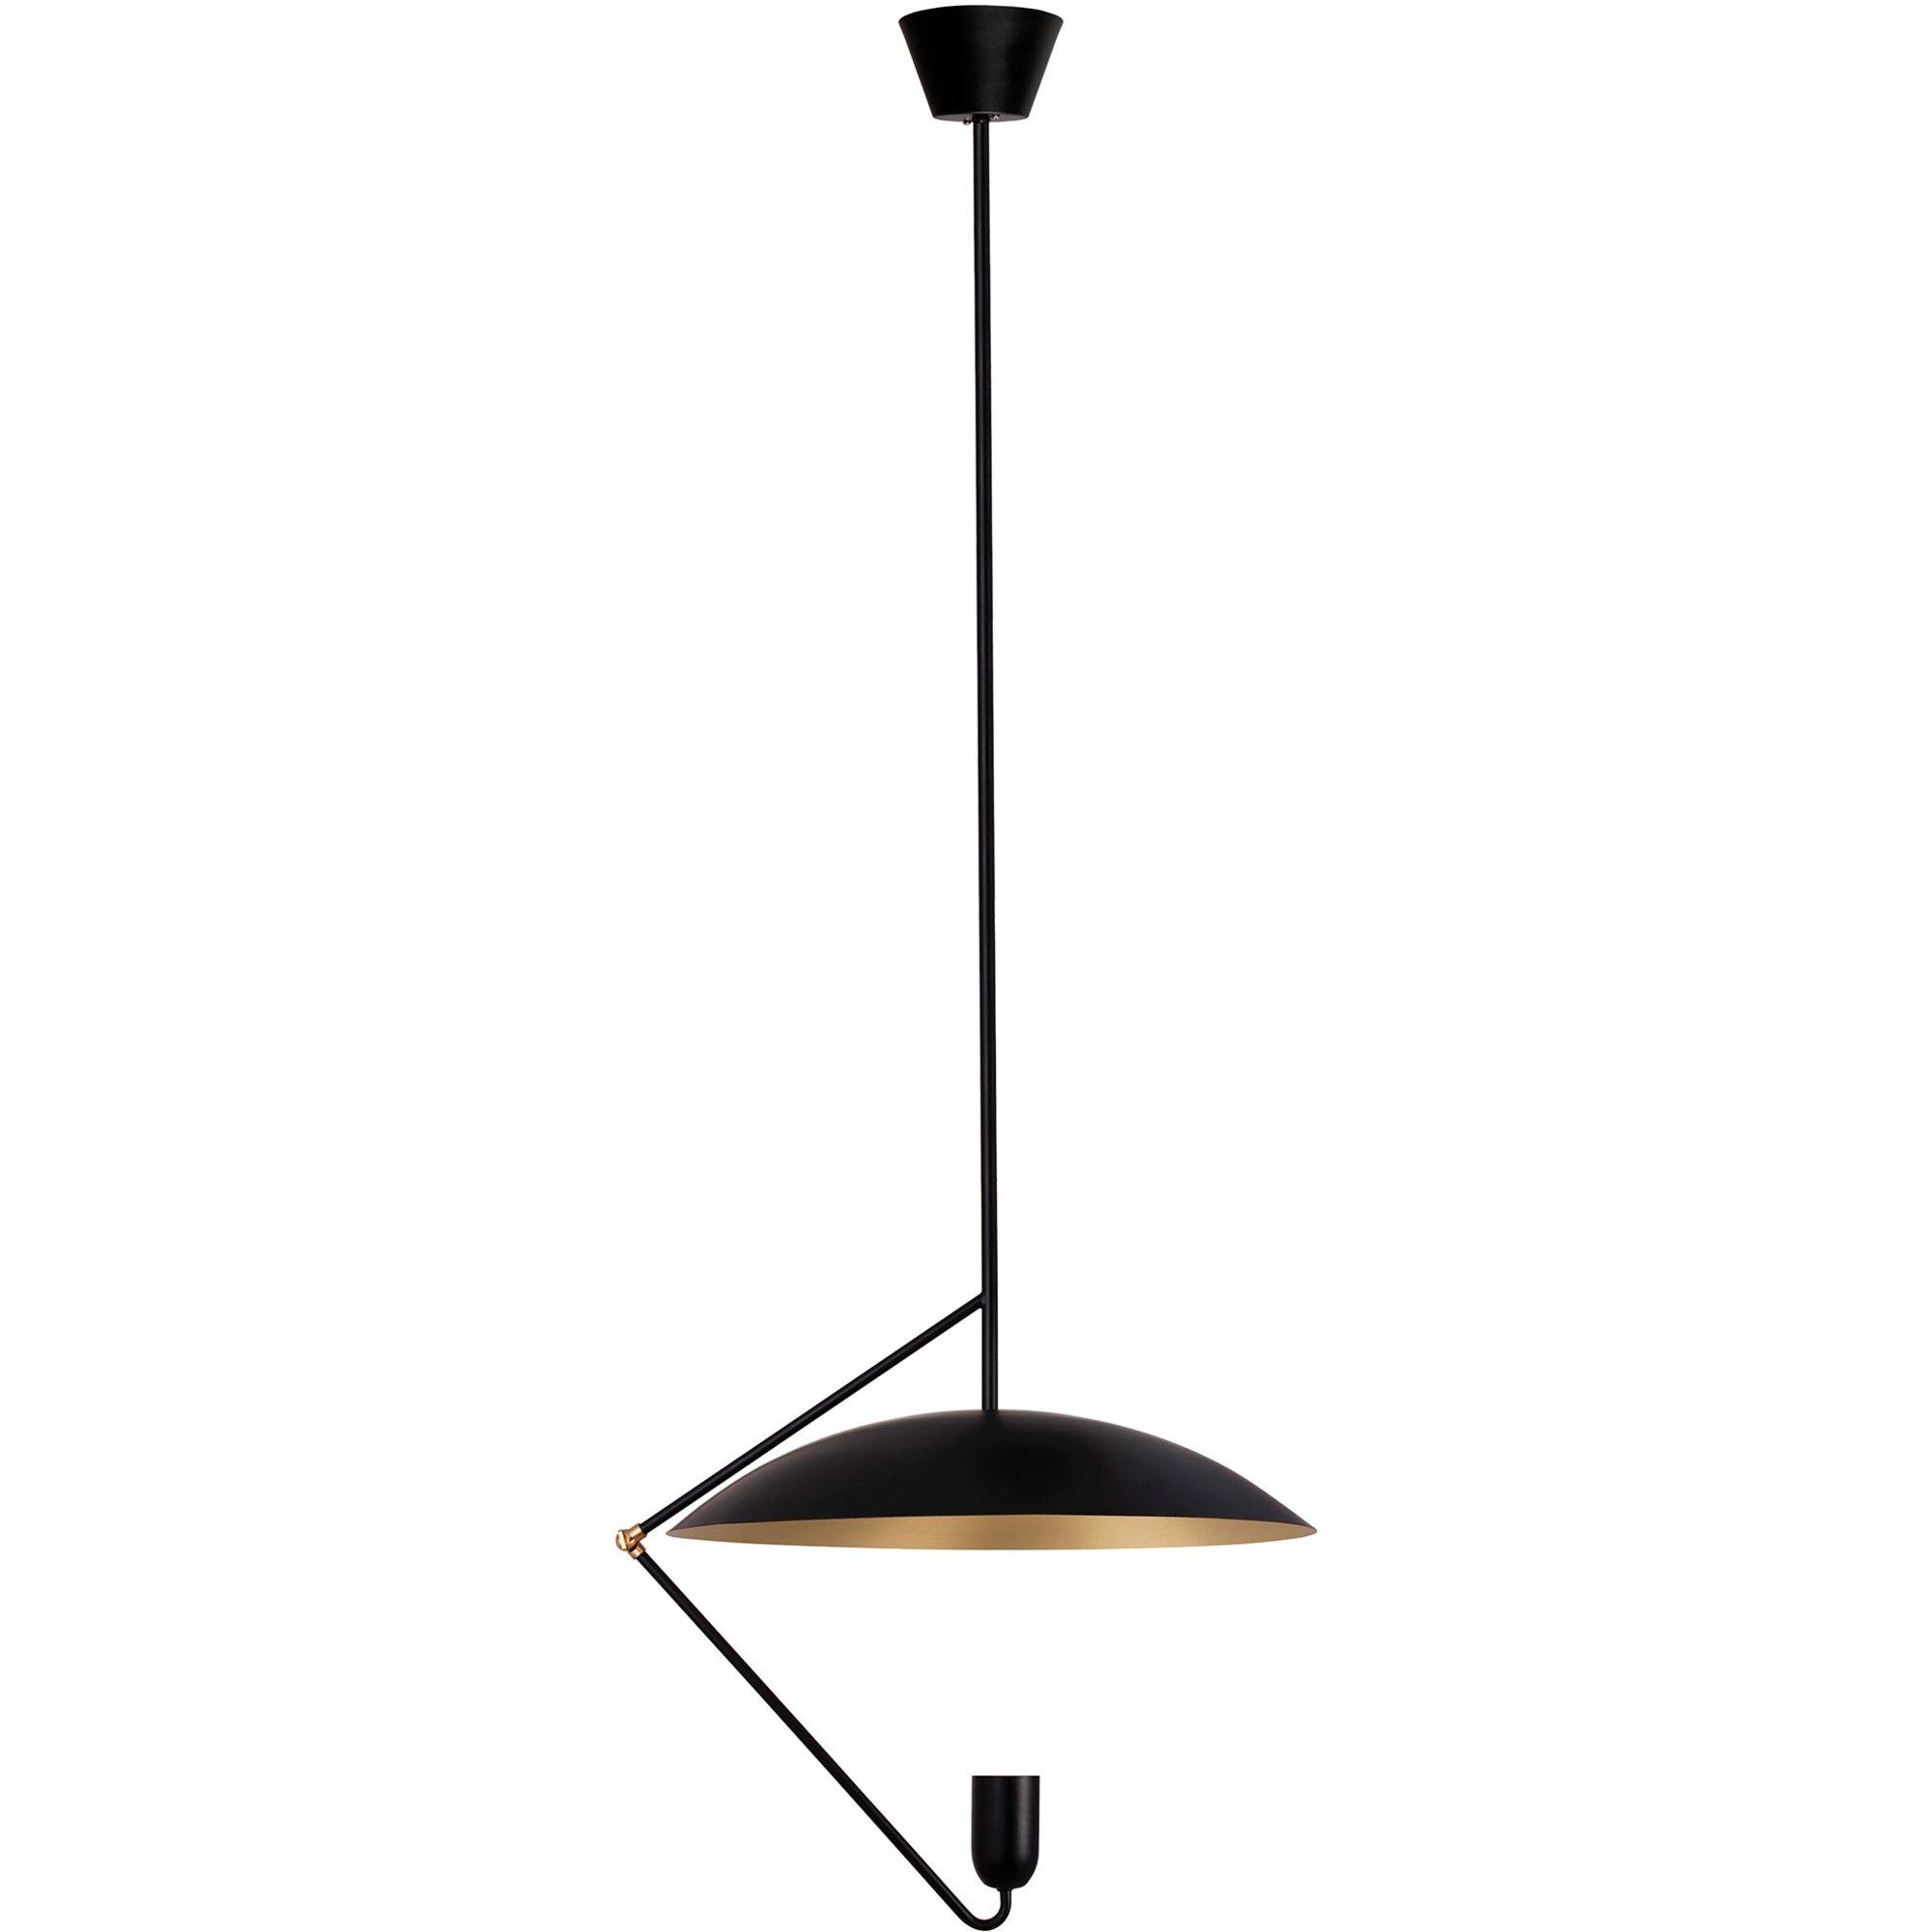 Globen Lighting Undercover Pendel 50 cm